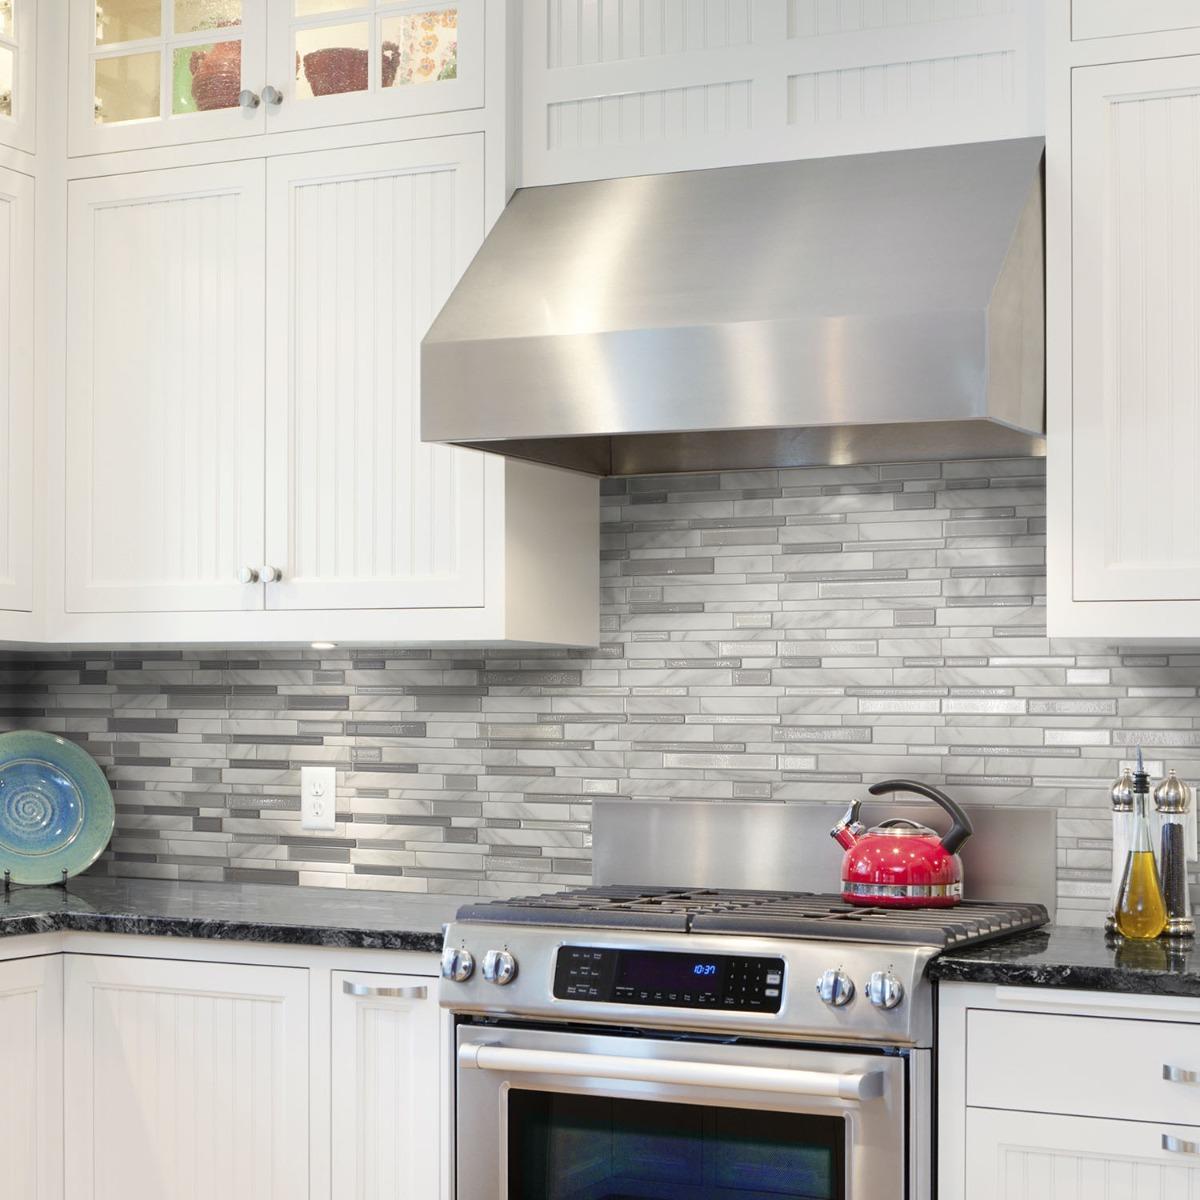 Cocina Baño Azulejos Pared Revestimiento Smart Tiles - $ 359,00 en ...